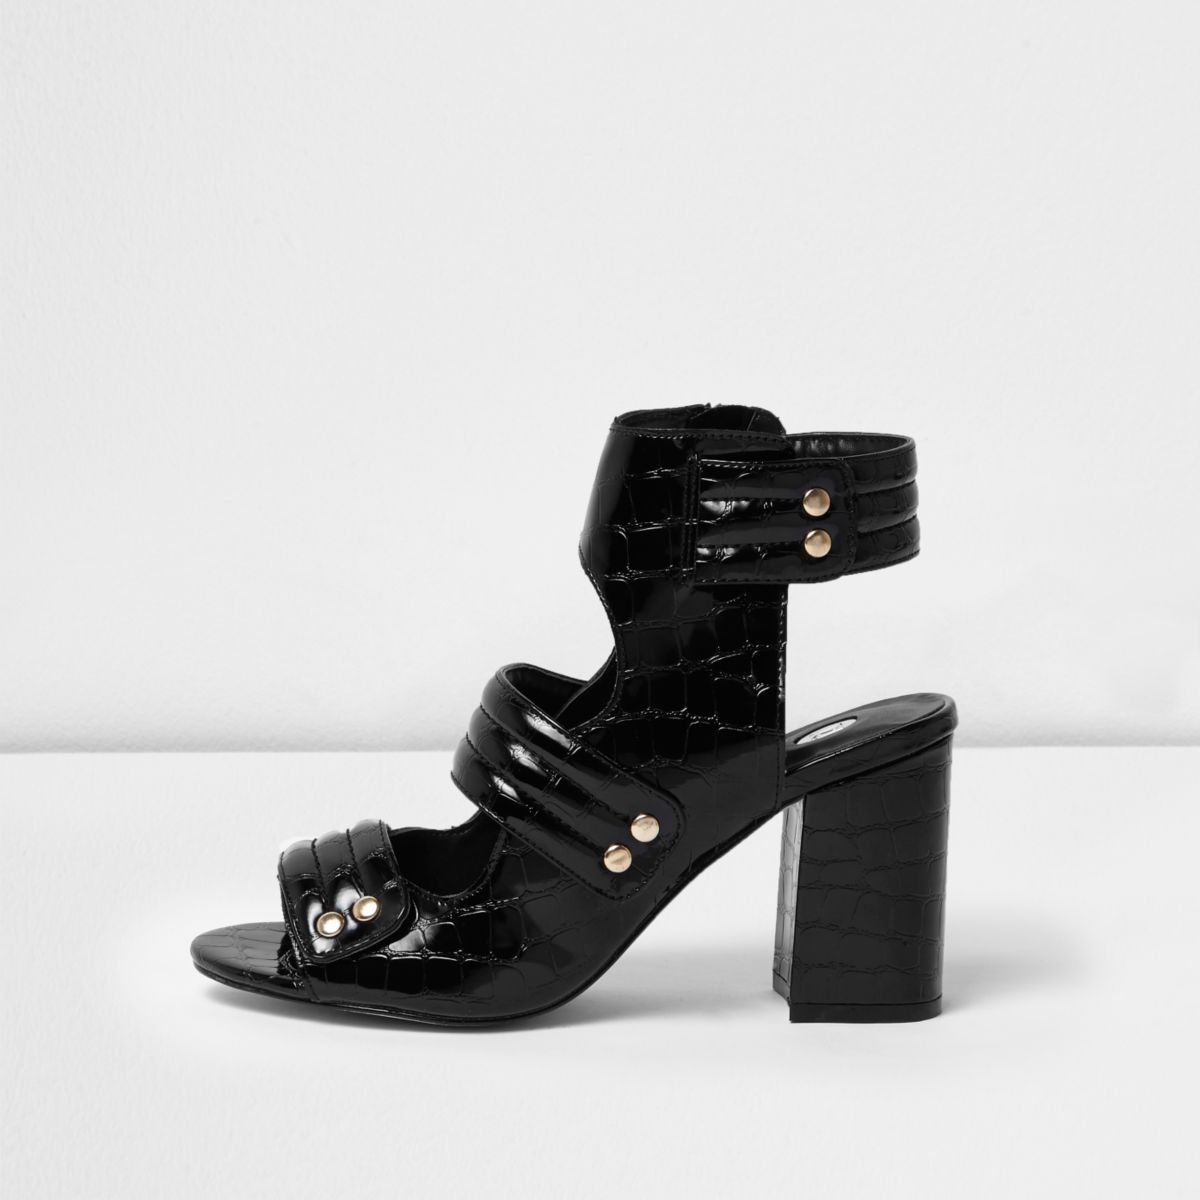 Zwarte lakleren schoenen met krokodillenprint en bandjes